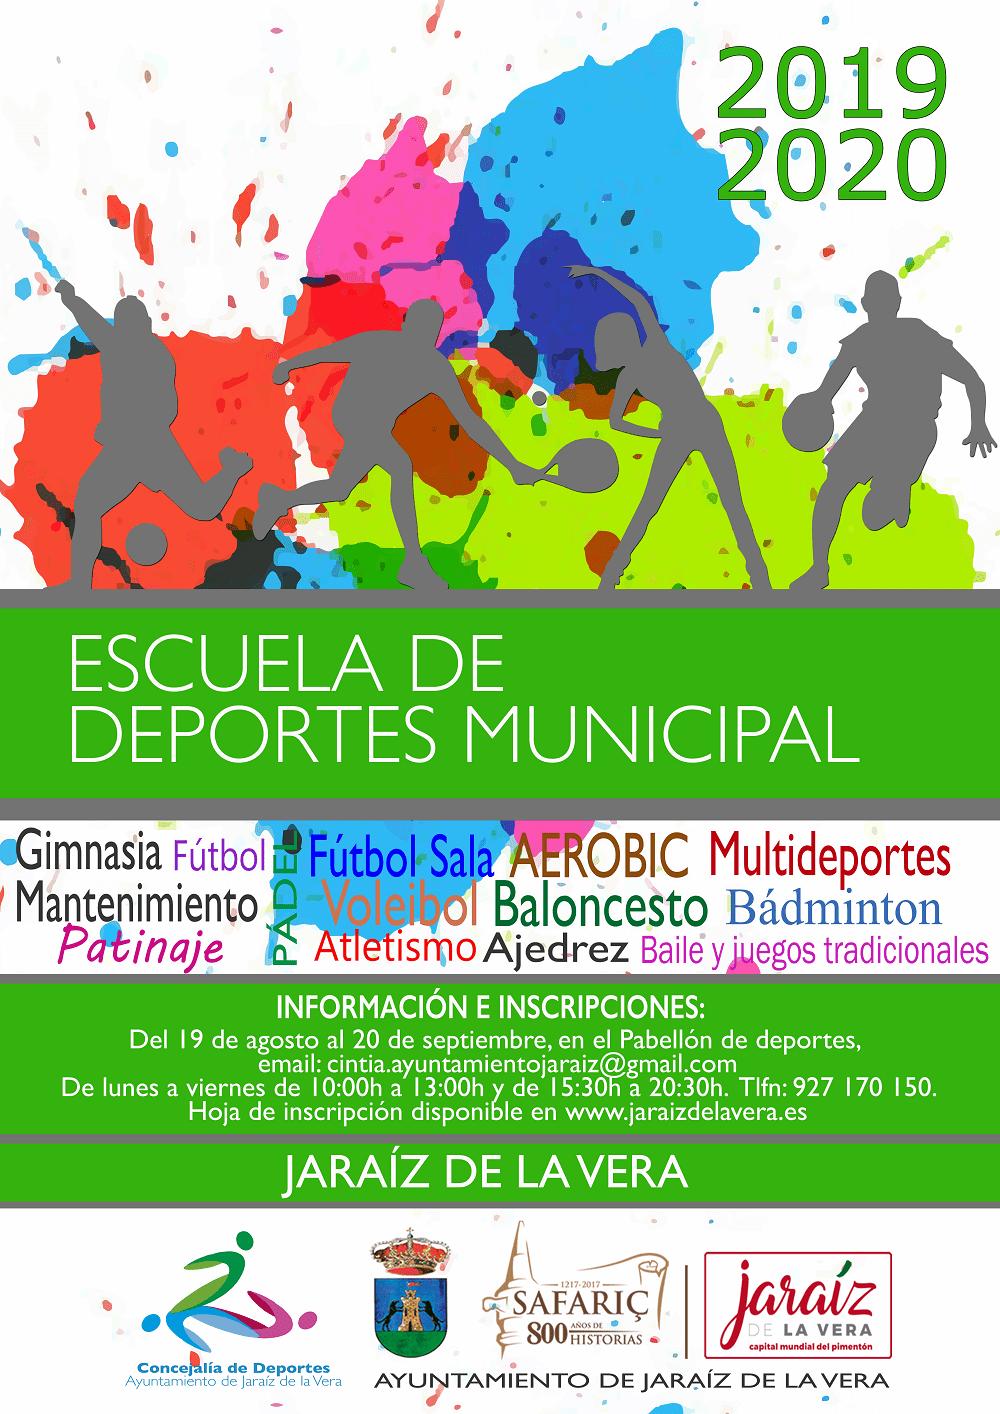 01 Escuela de Deportes Municipal de Jaraiz de la Vera 2019